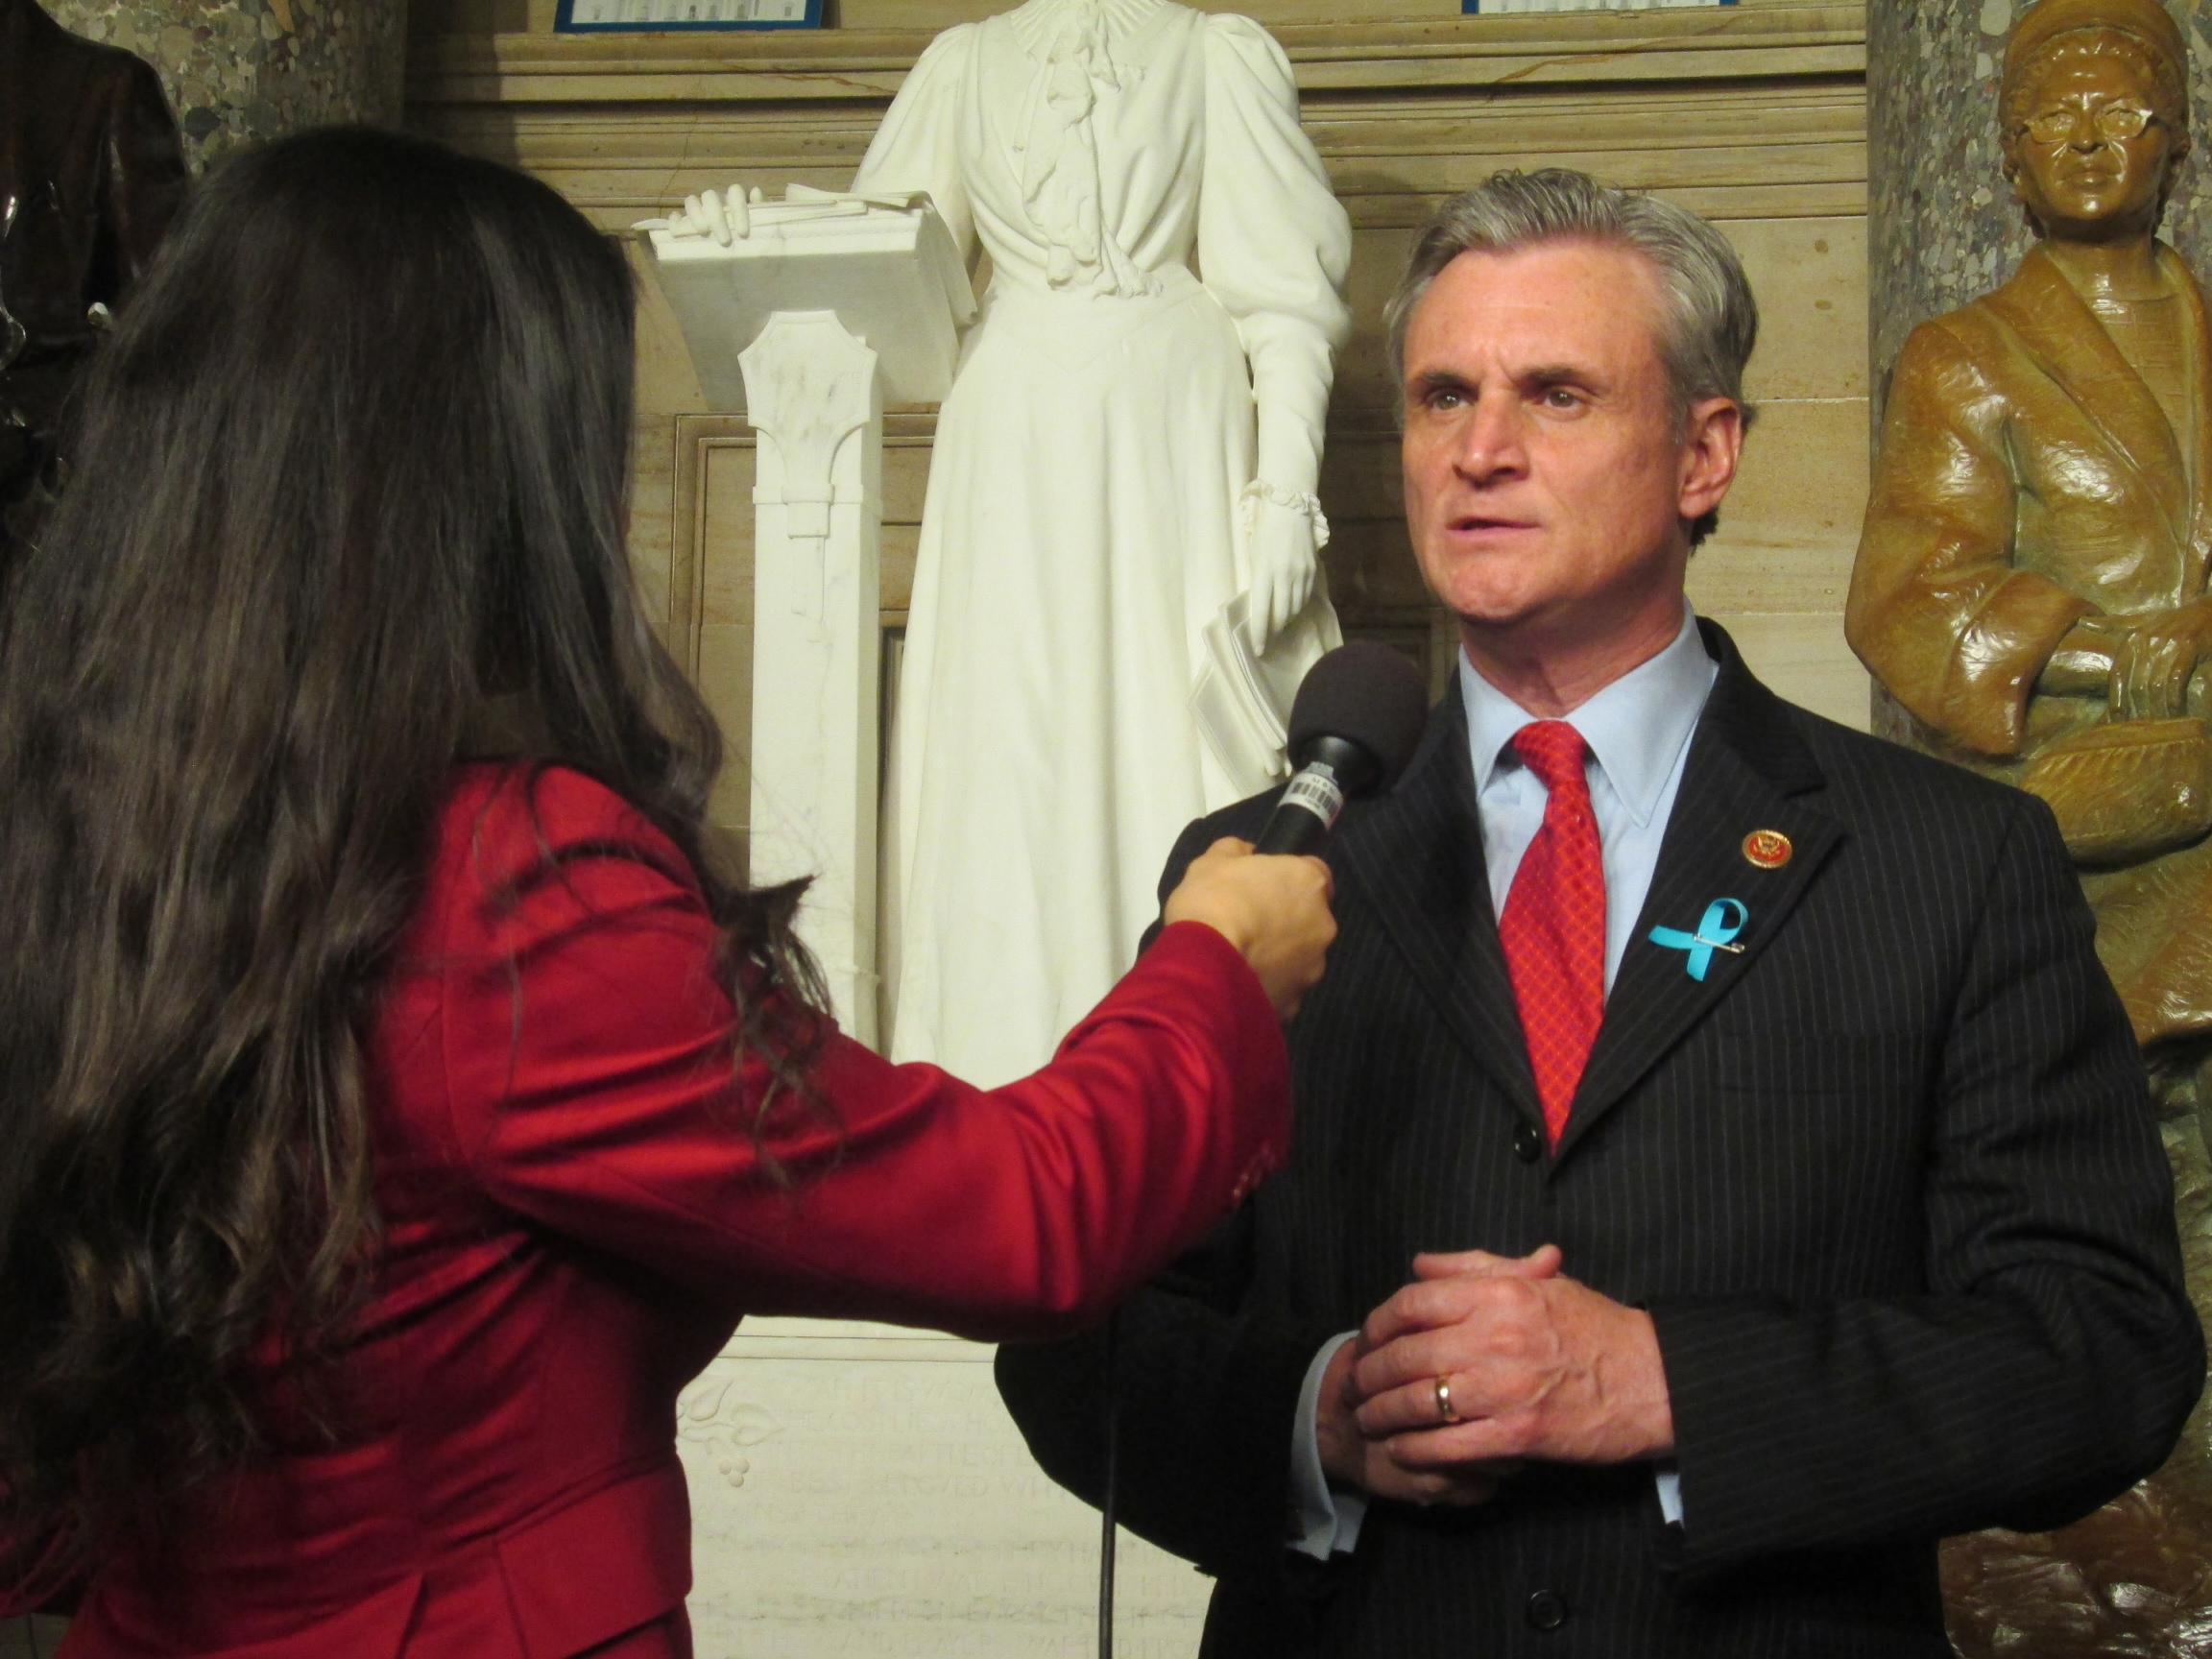 reporter interviews man